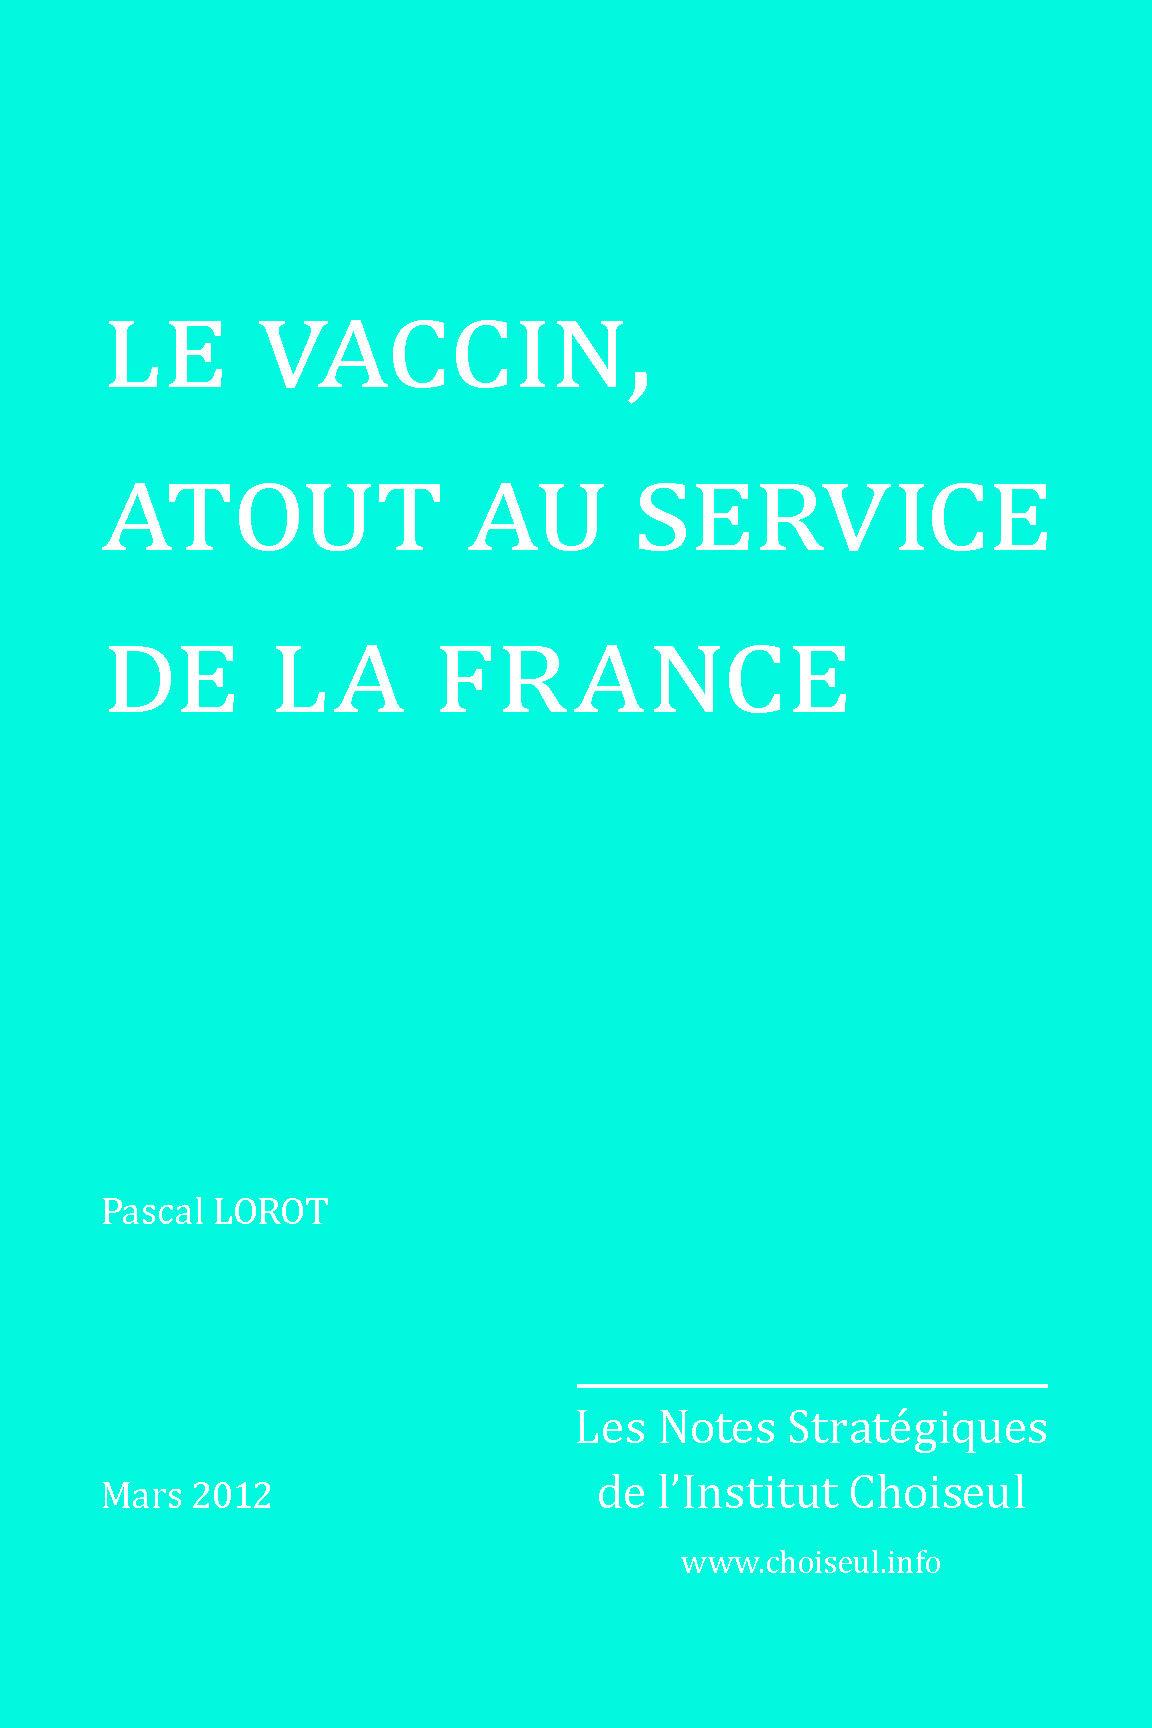 Le vaccin, atout au service de la France